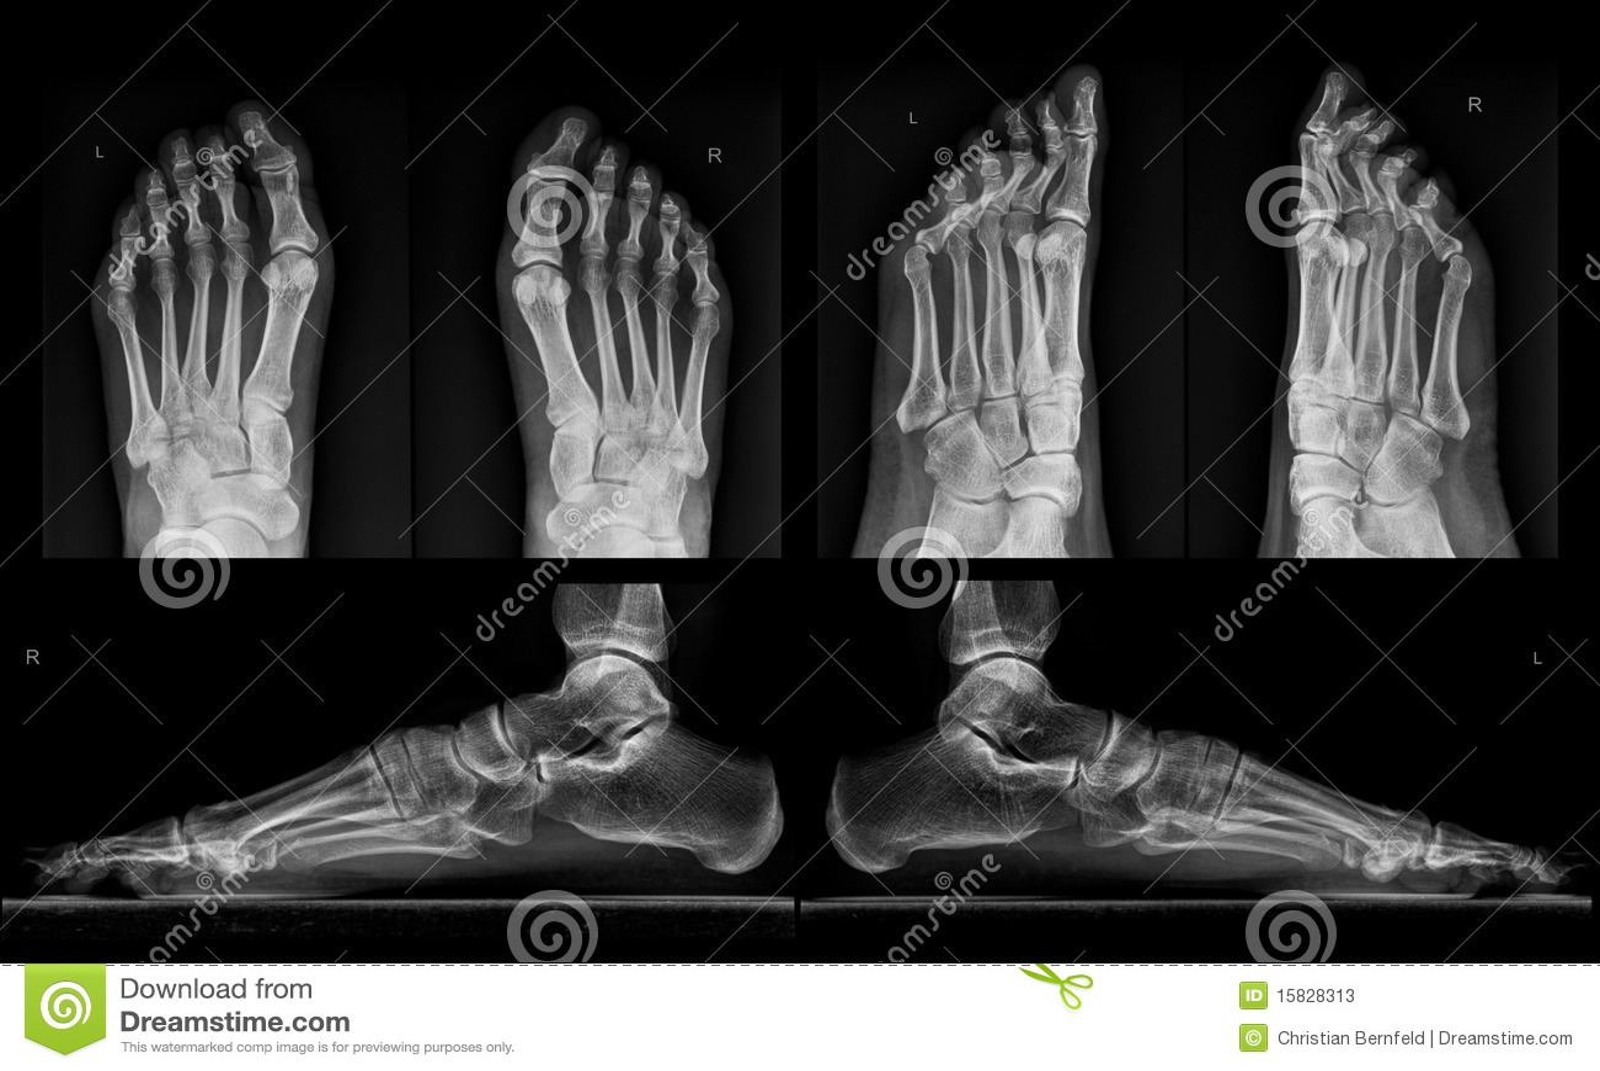 Röntgenstrahl beider Füße in drei Projektionen